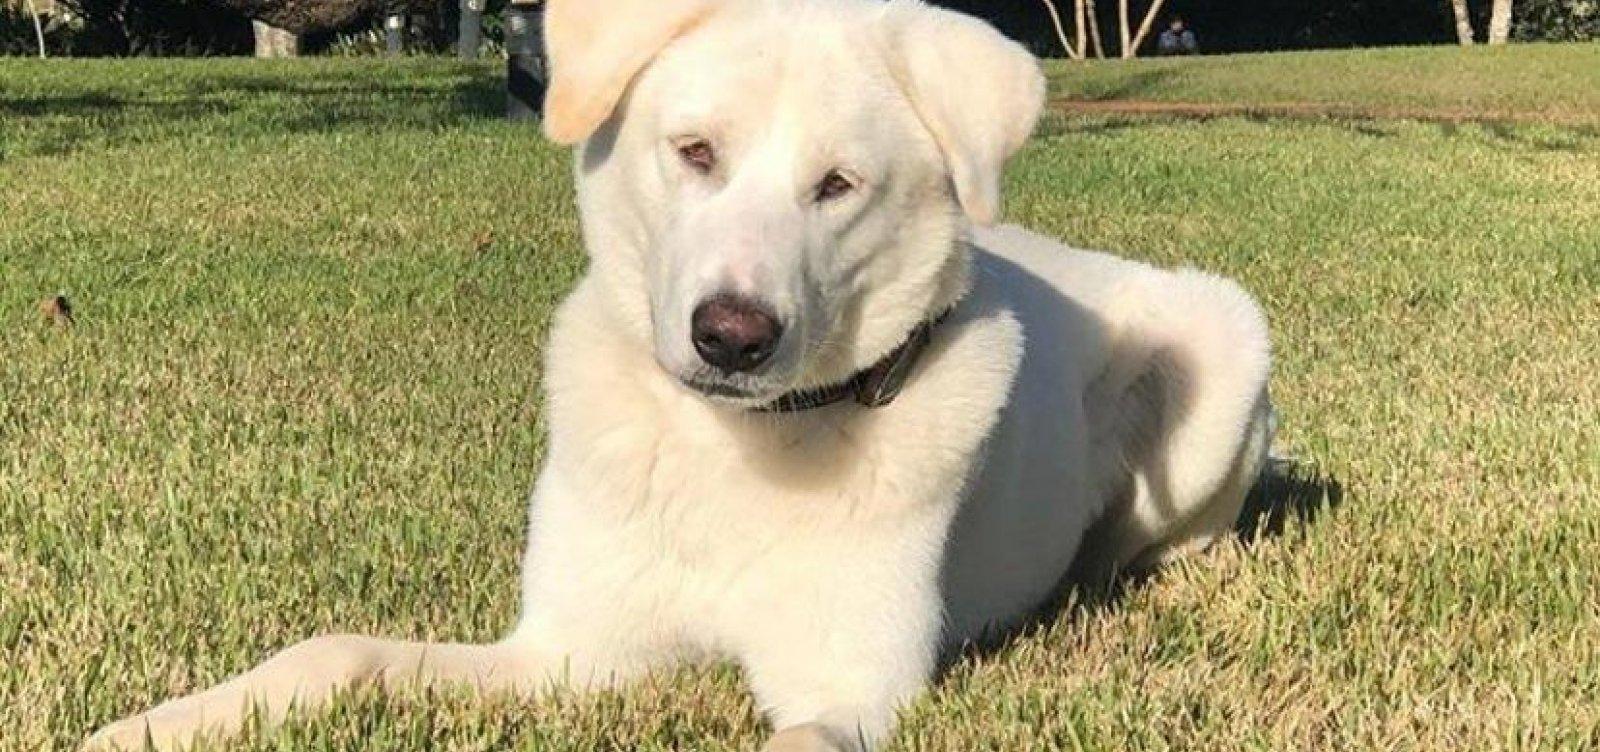 Cachorro adotado por família Bolsonaro tinha dono e será devolvido